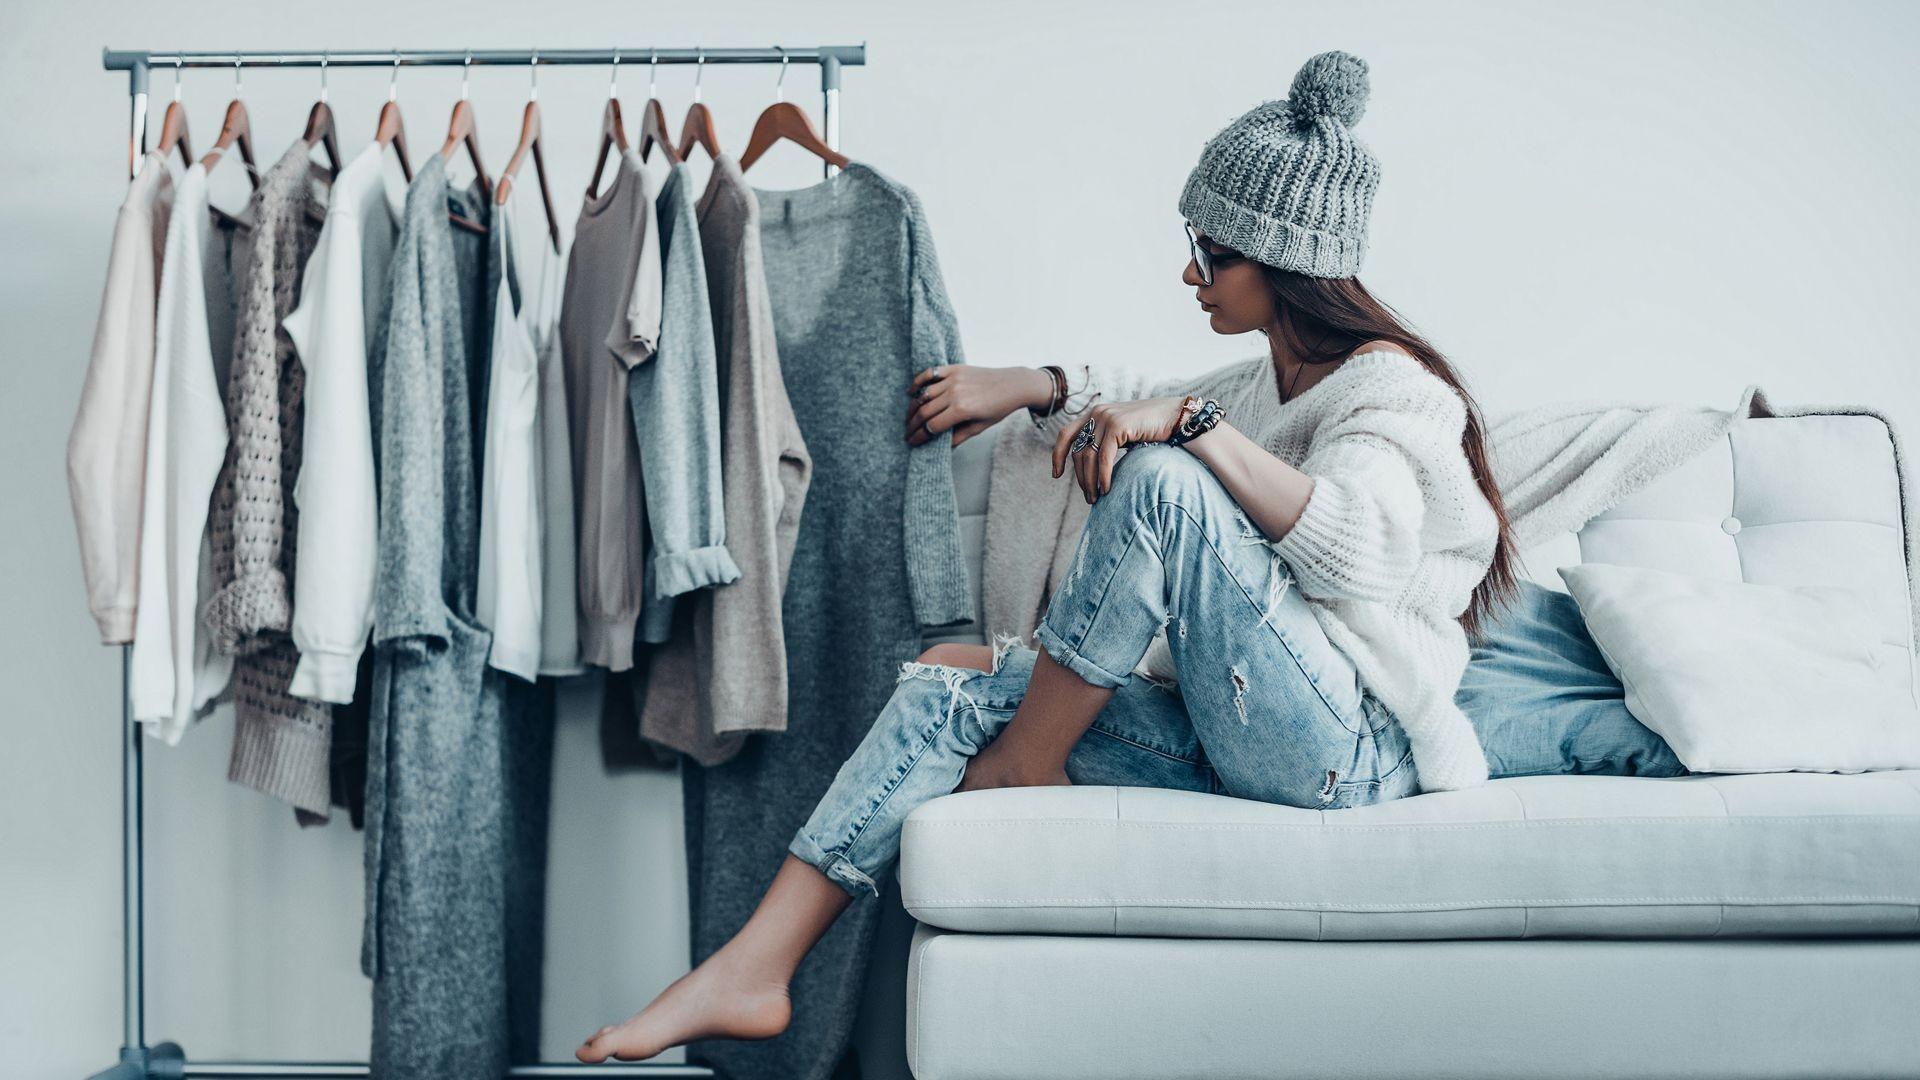 tendencias-cuidado-ropa-destacada